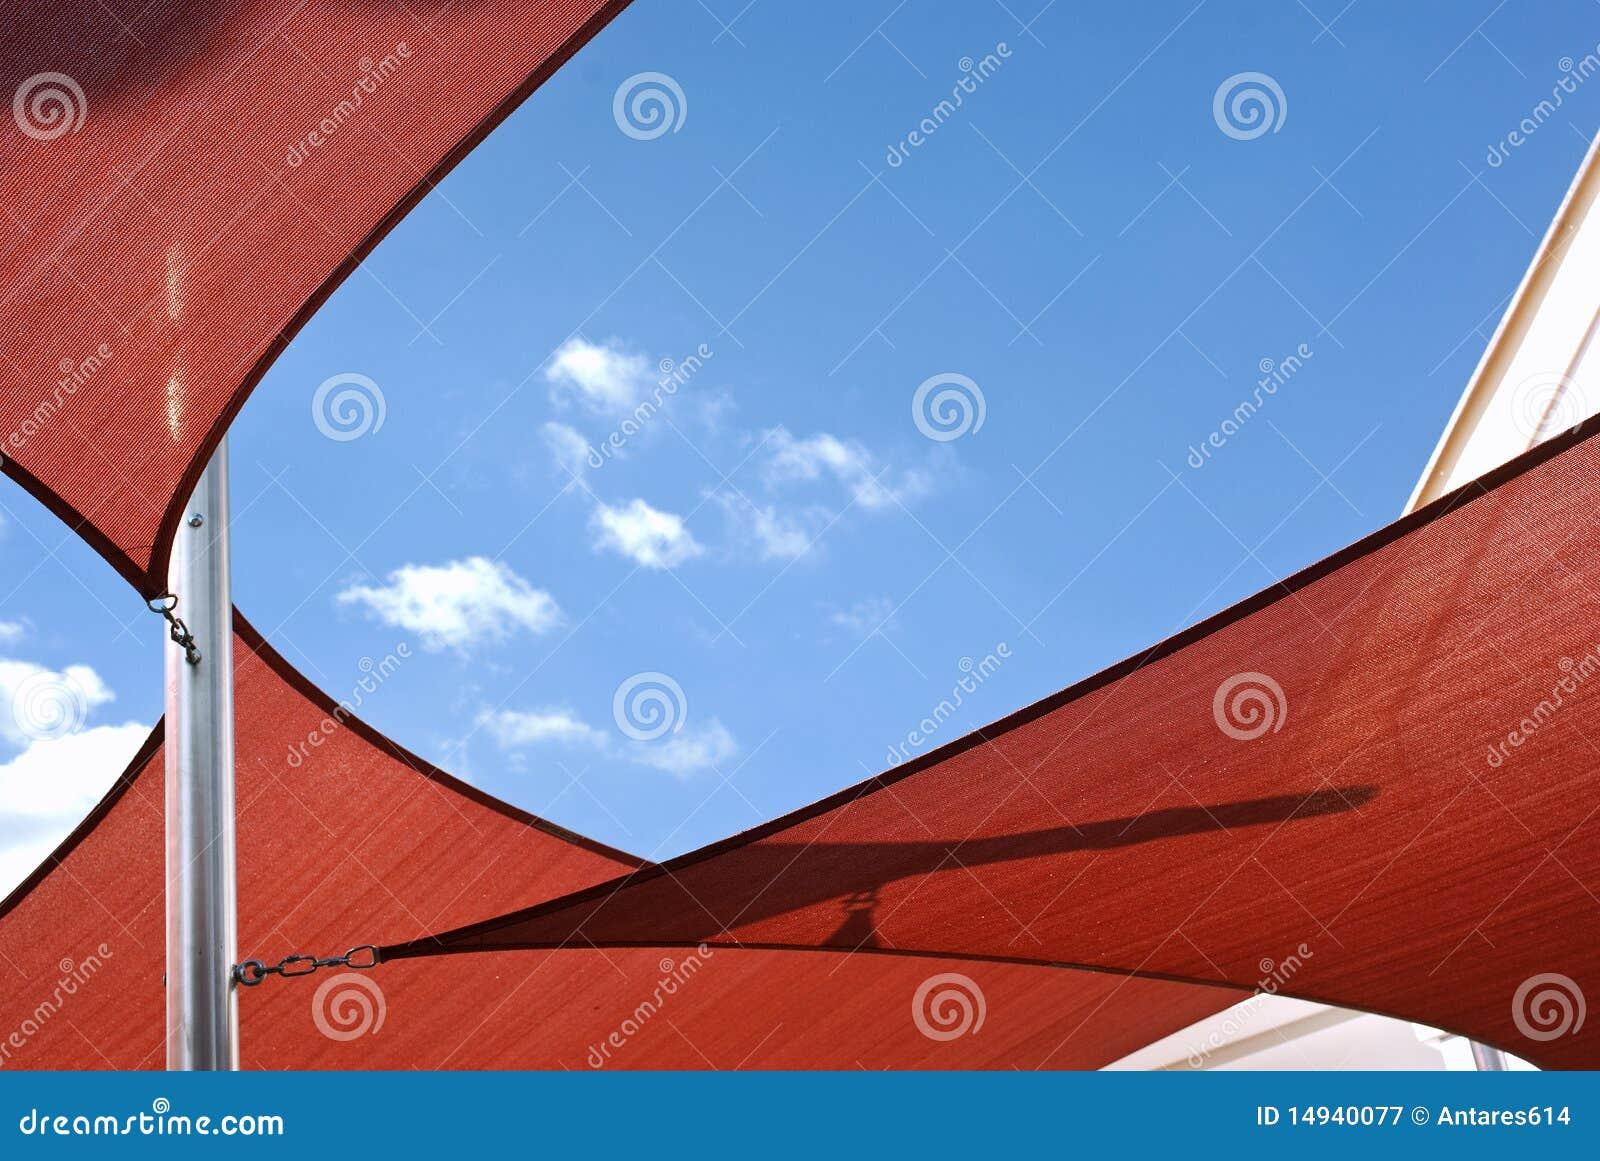 sonnenschutzsegel stockbild bild von farbton abdeckung 14940077. Black Bedroom Furniture Sets. Home Design Ideas